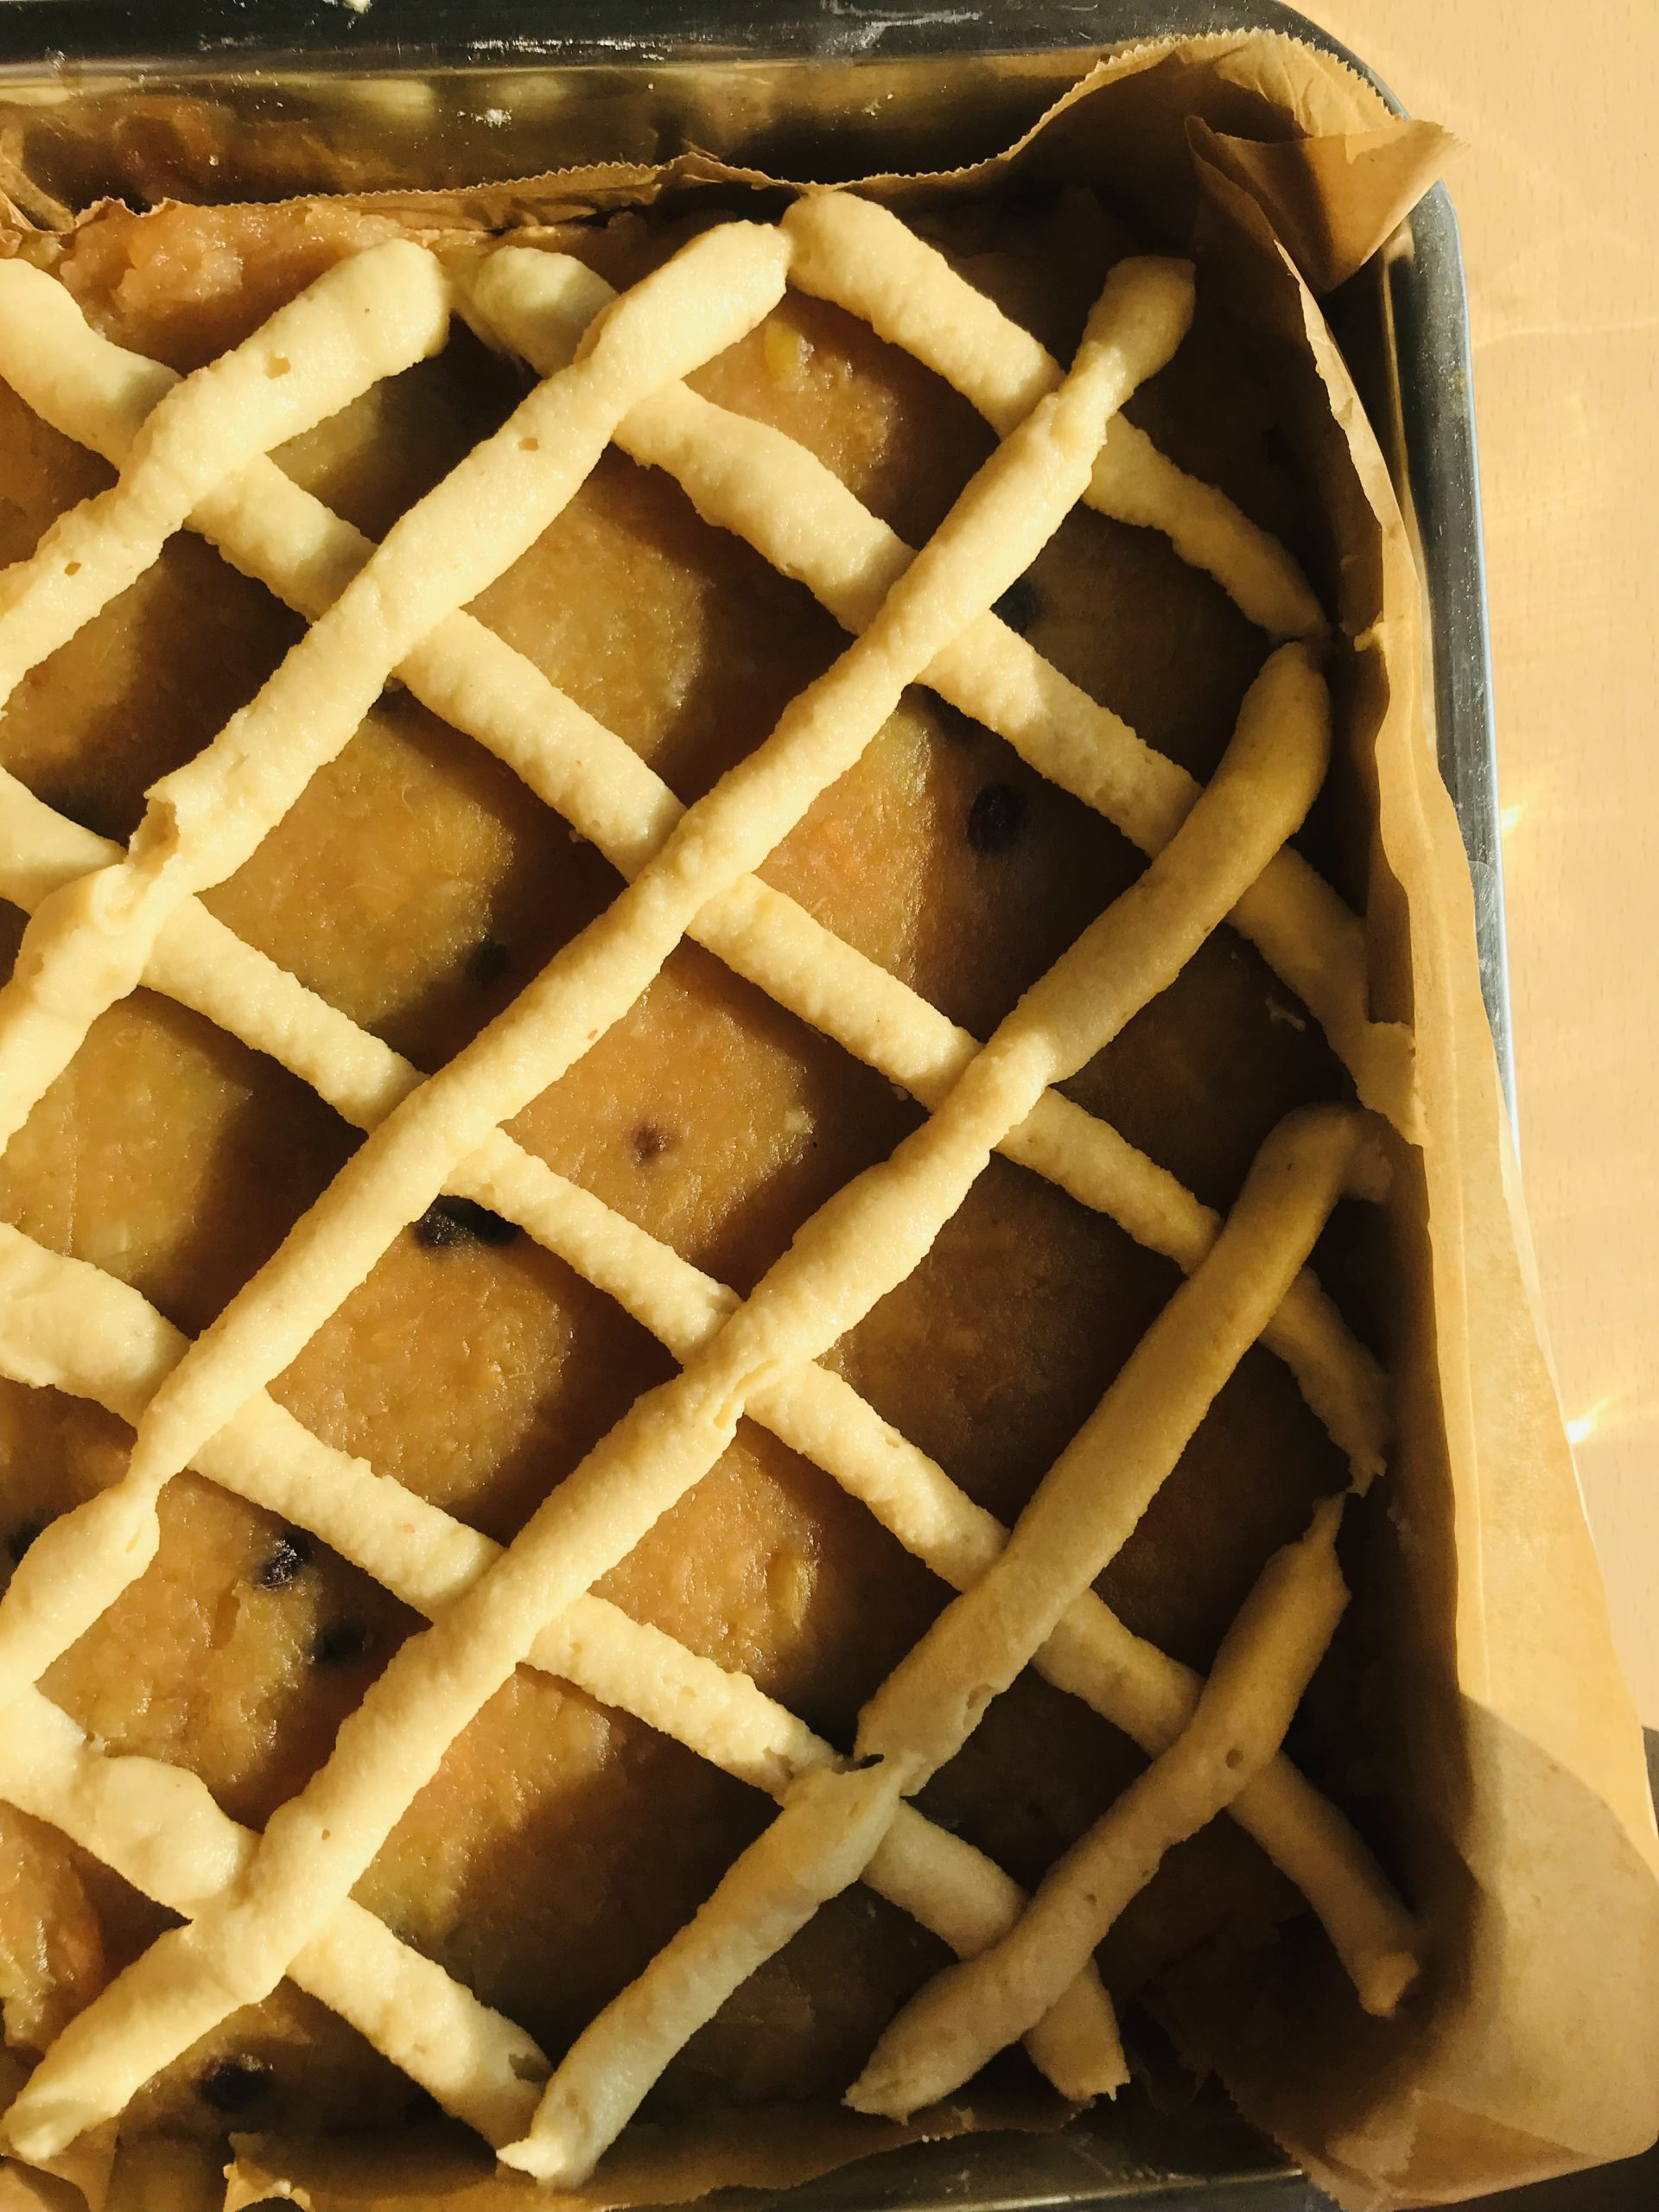 ein gespritzes Gitter über dem Kuchen